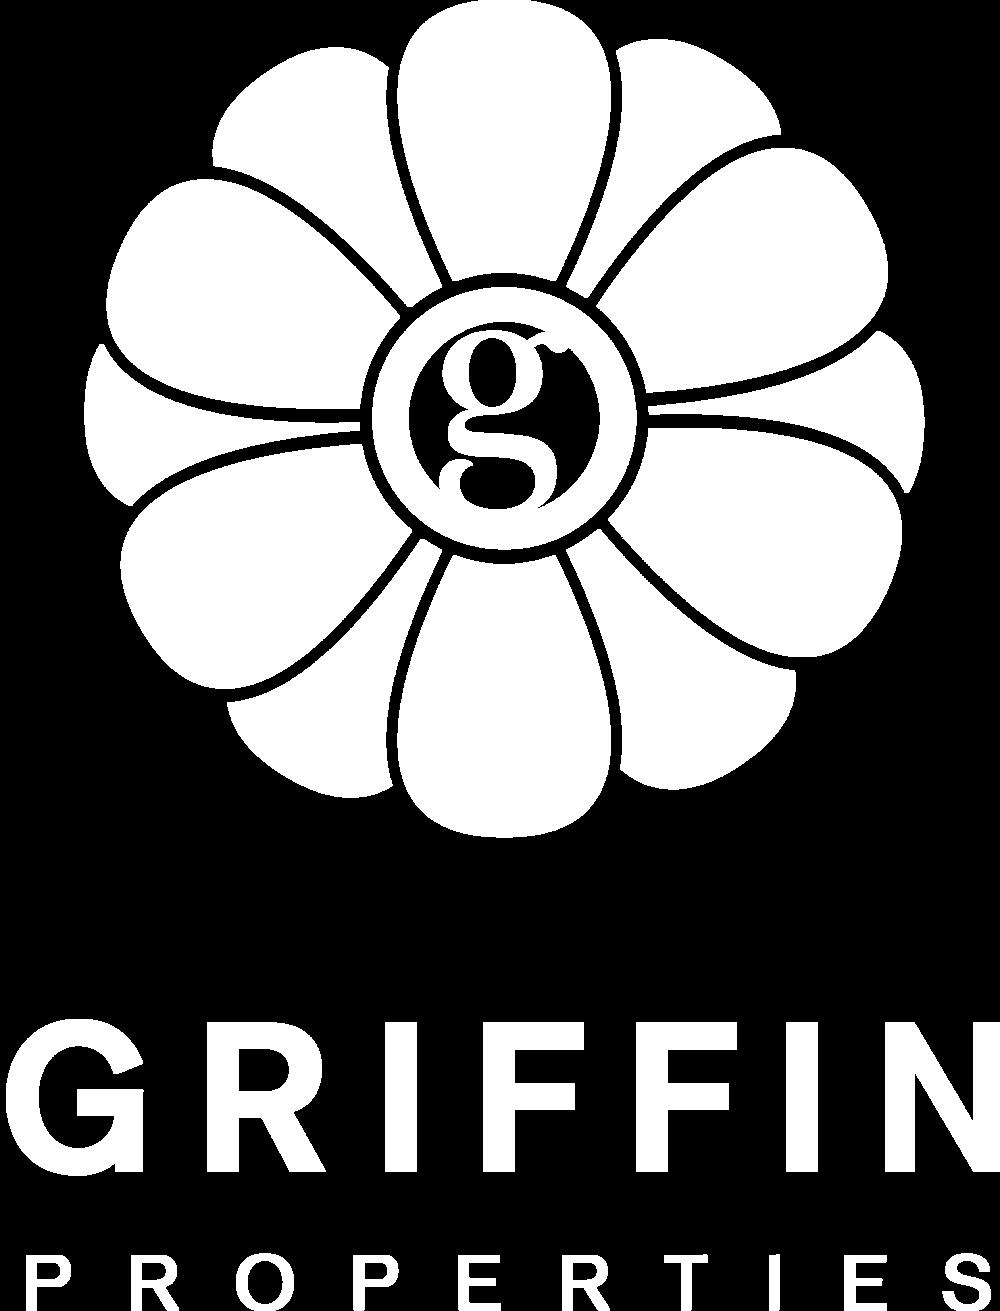 GP-001_Logo_Vert_4c-12inWHITE.png